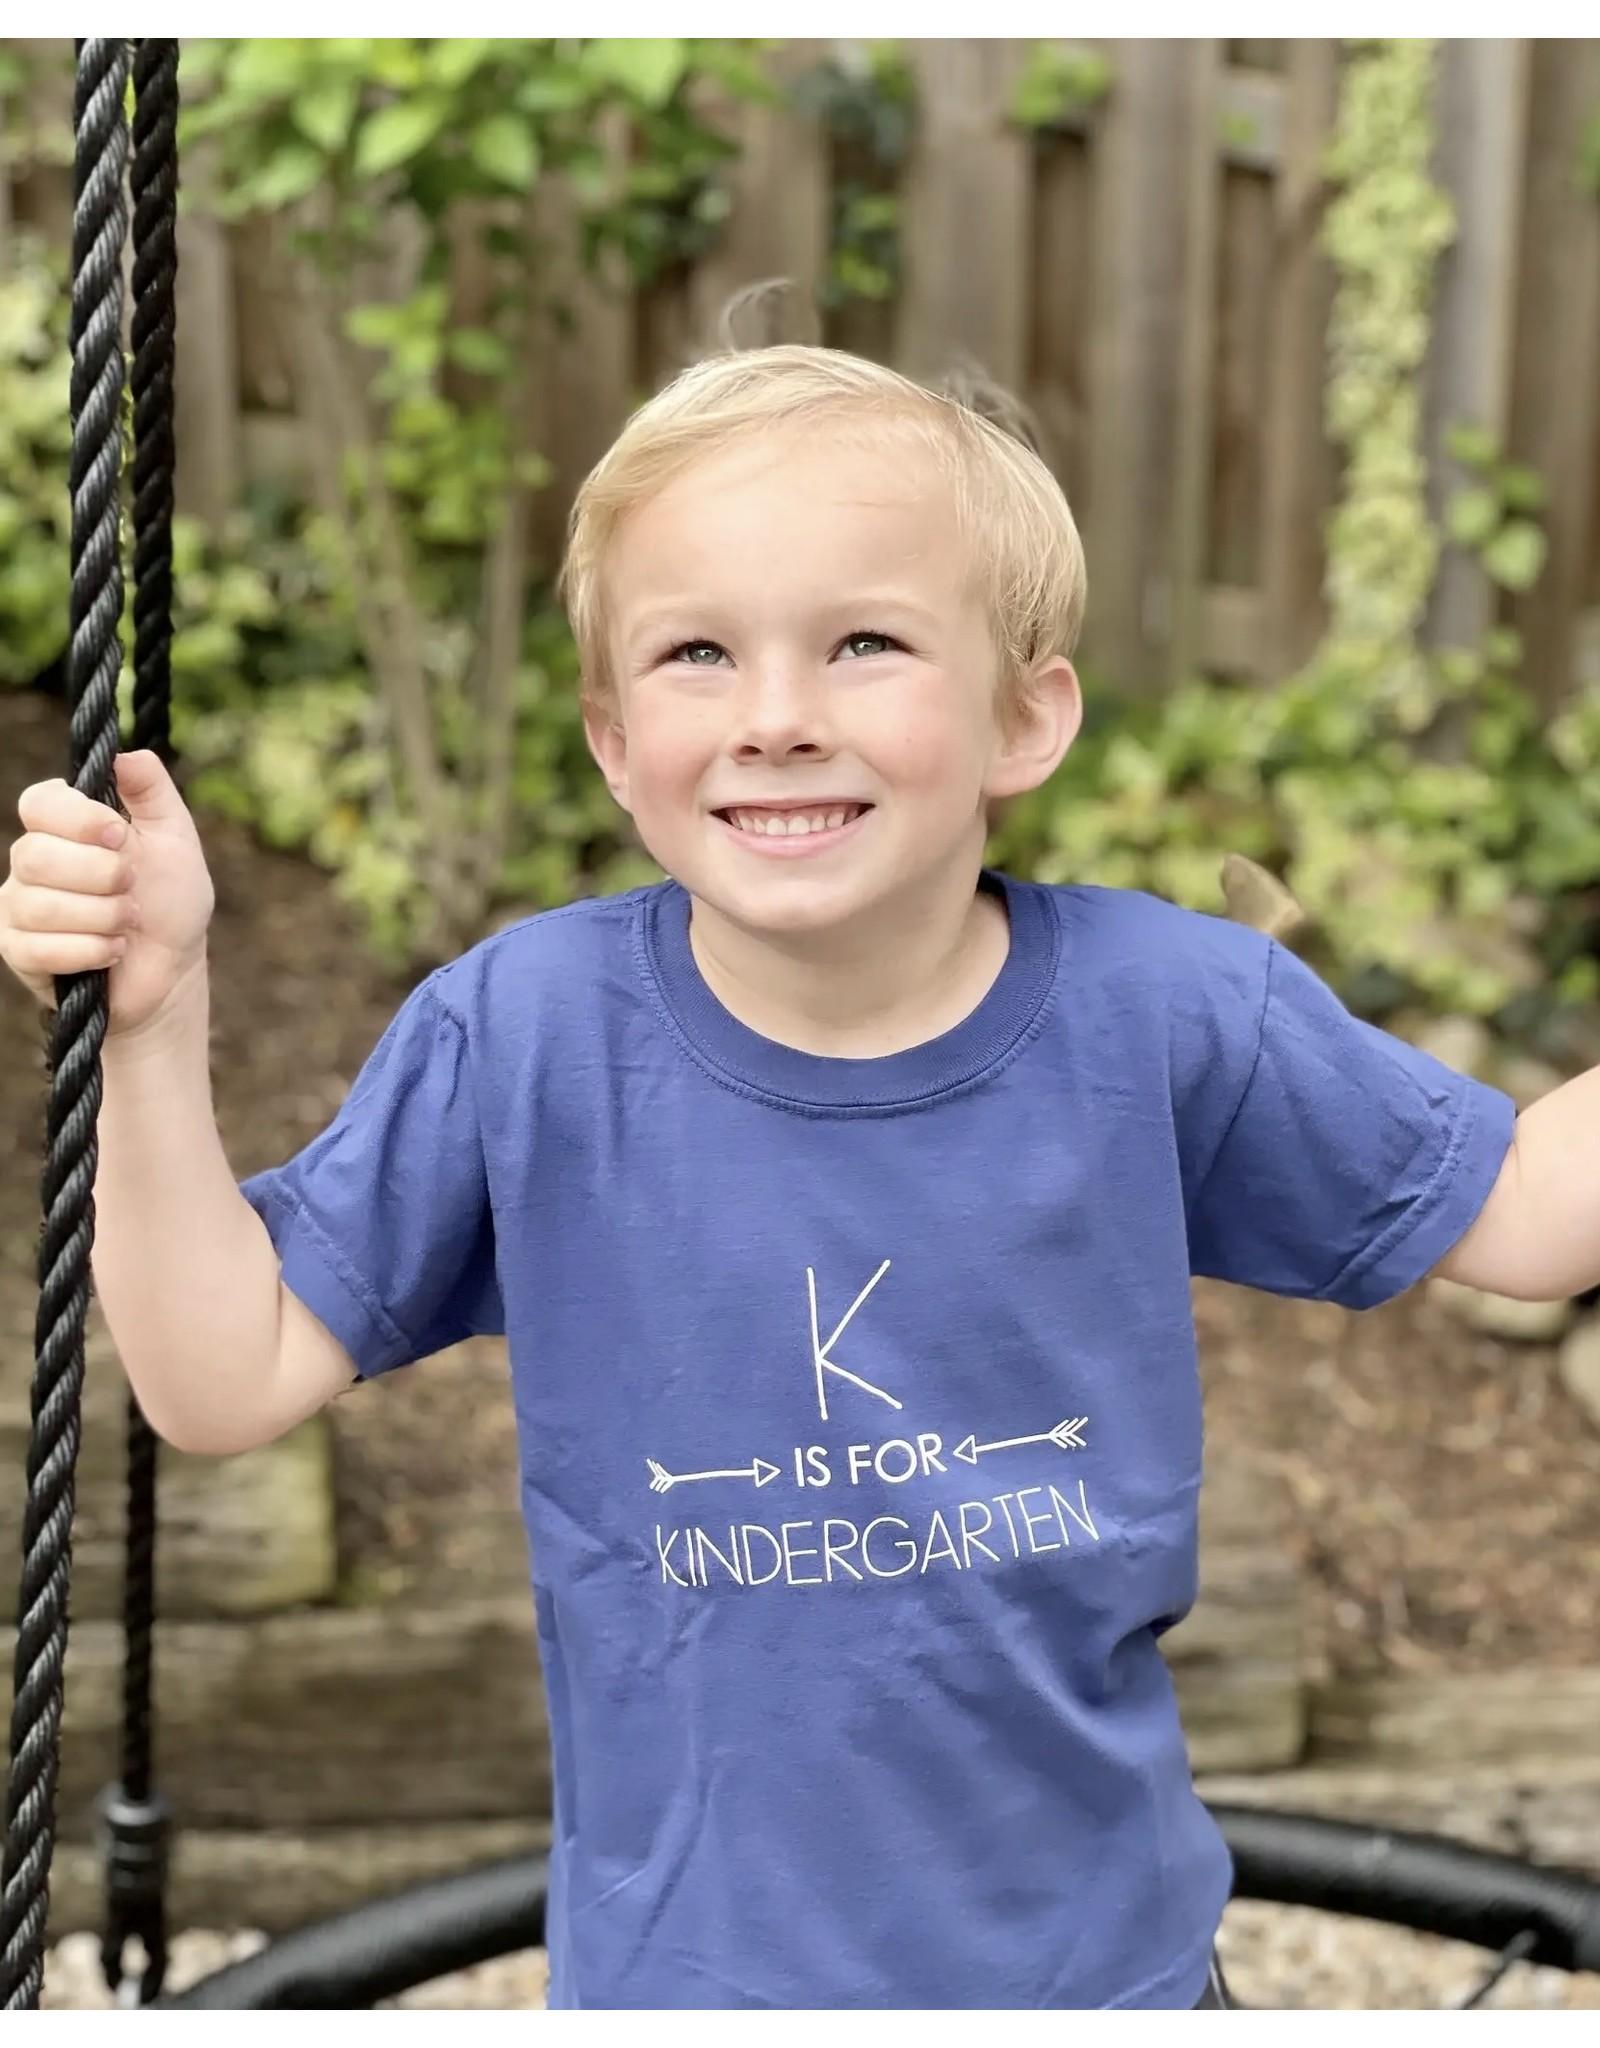 Little Hoot- K is for Kindergarten: Navy